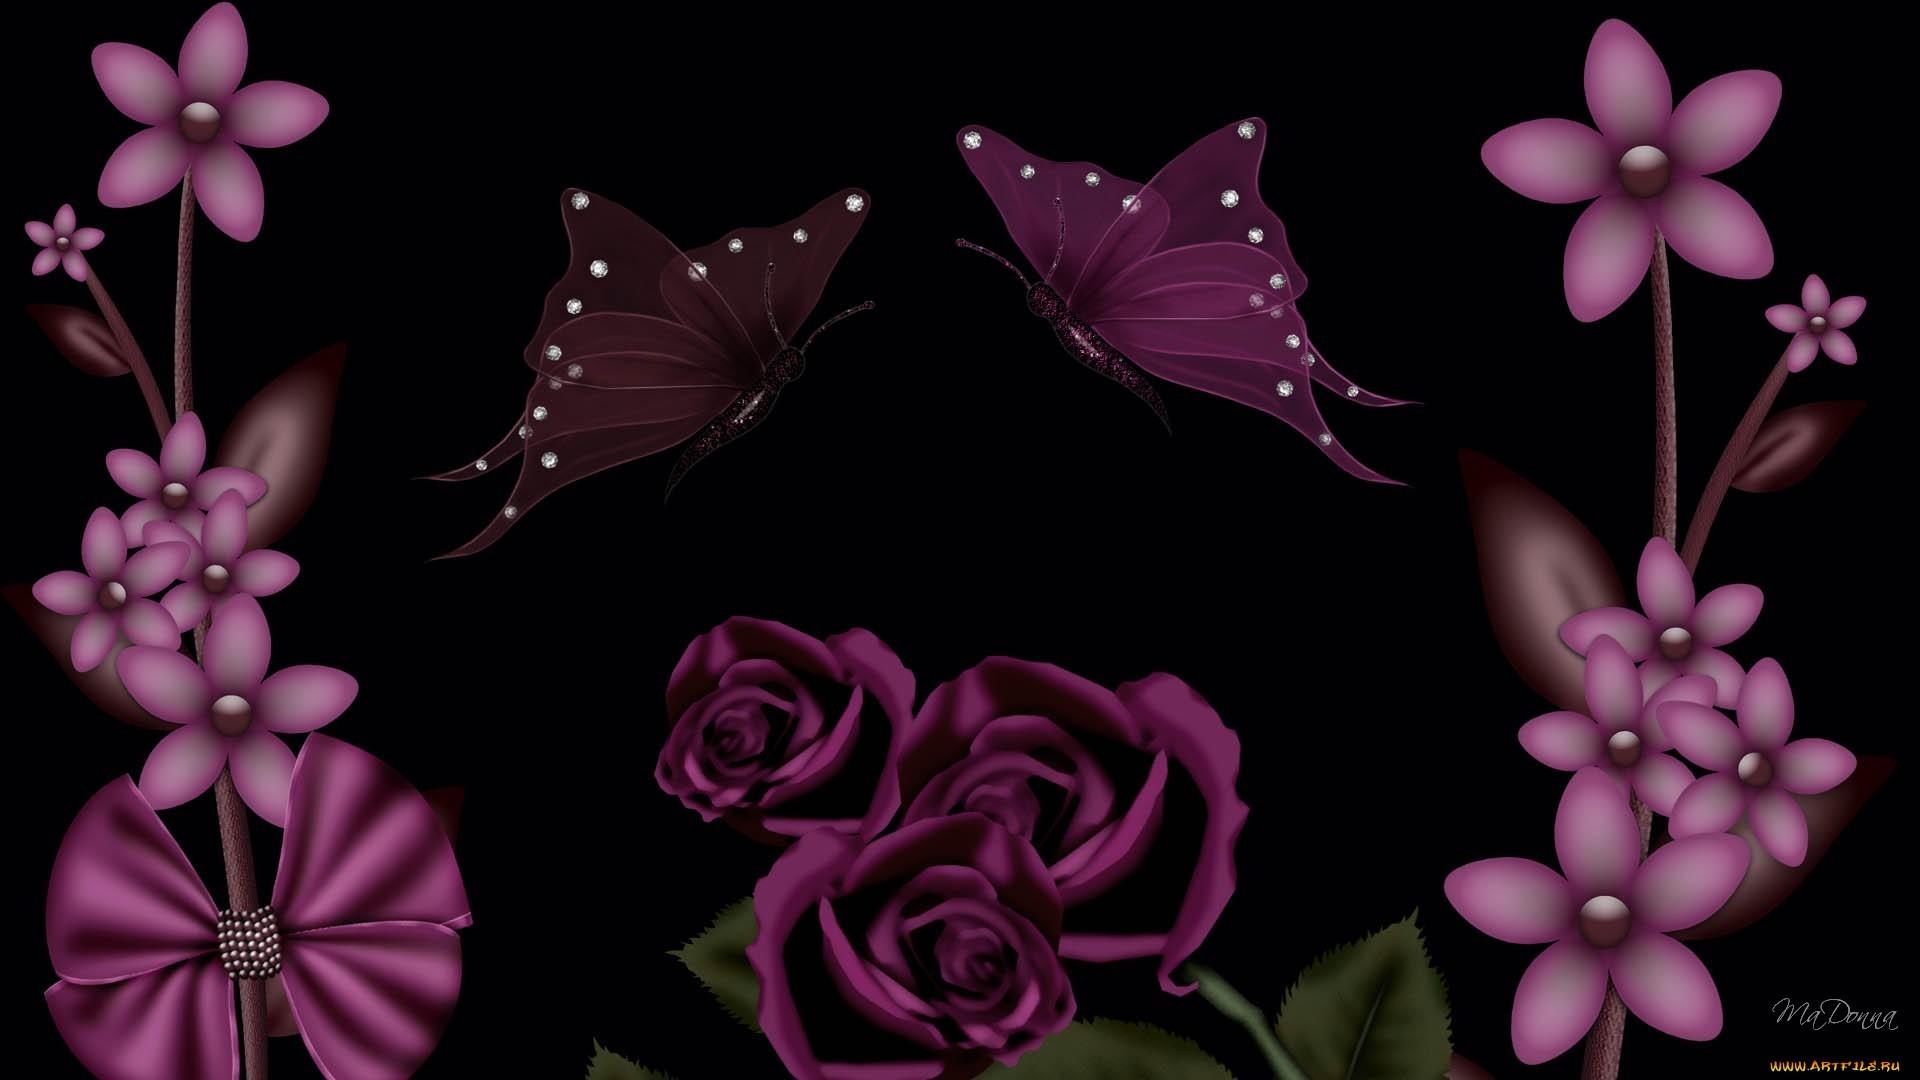 17729 скачать обои Бабочки, Цветы, Фон - заставки и картинки бесплатно